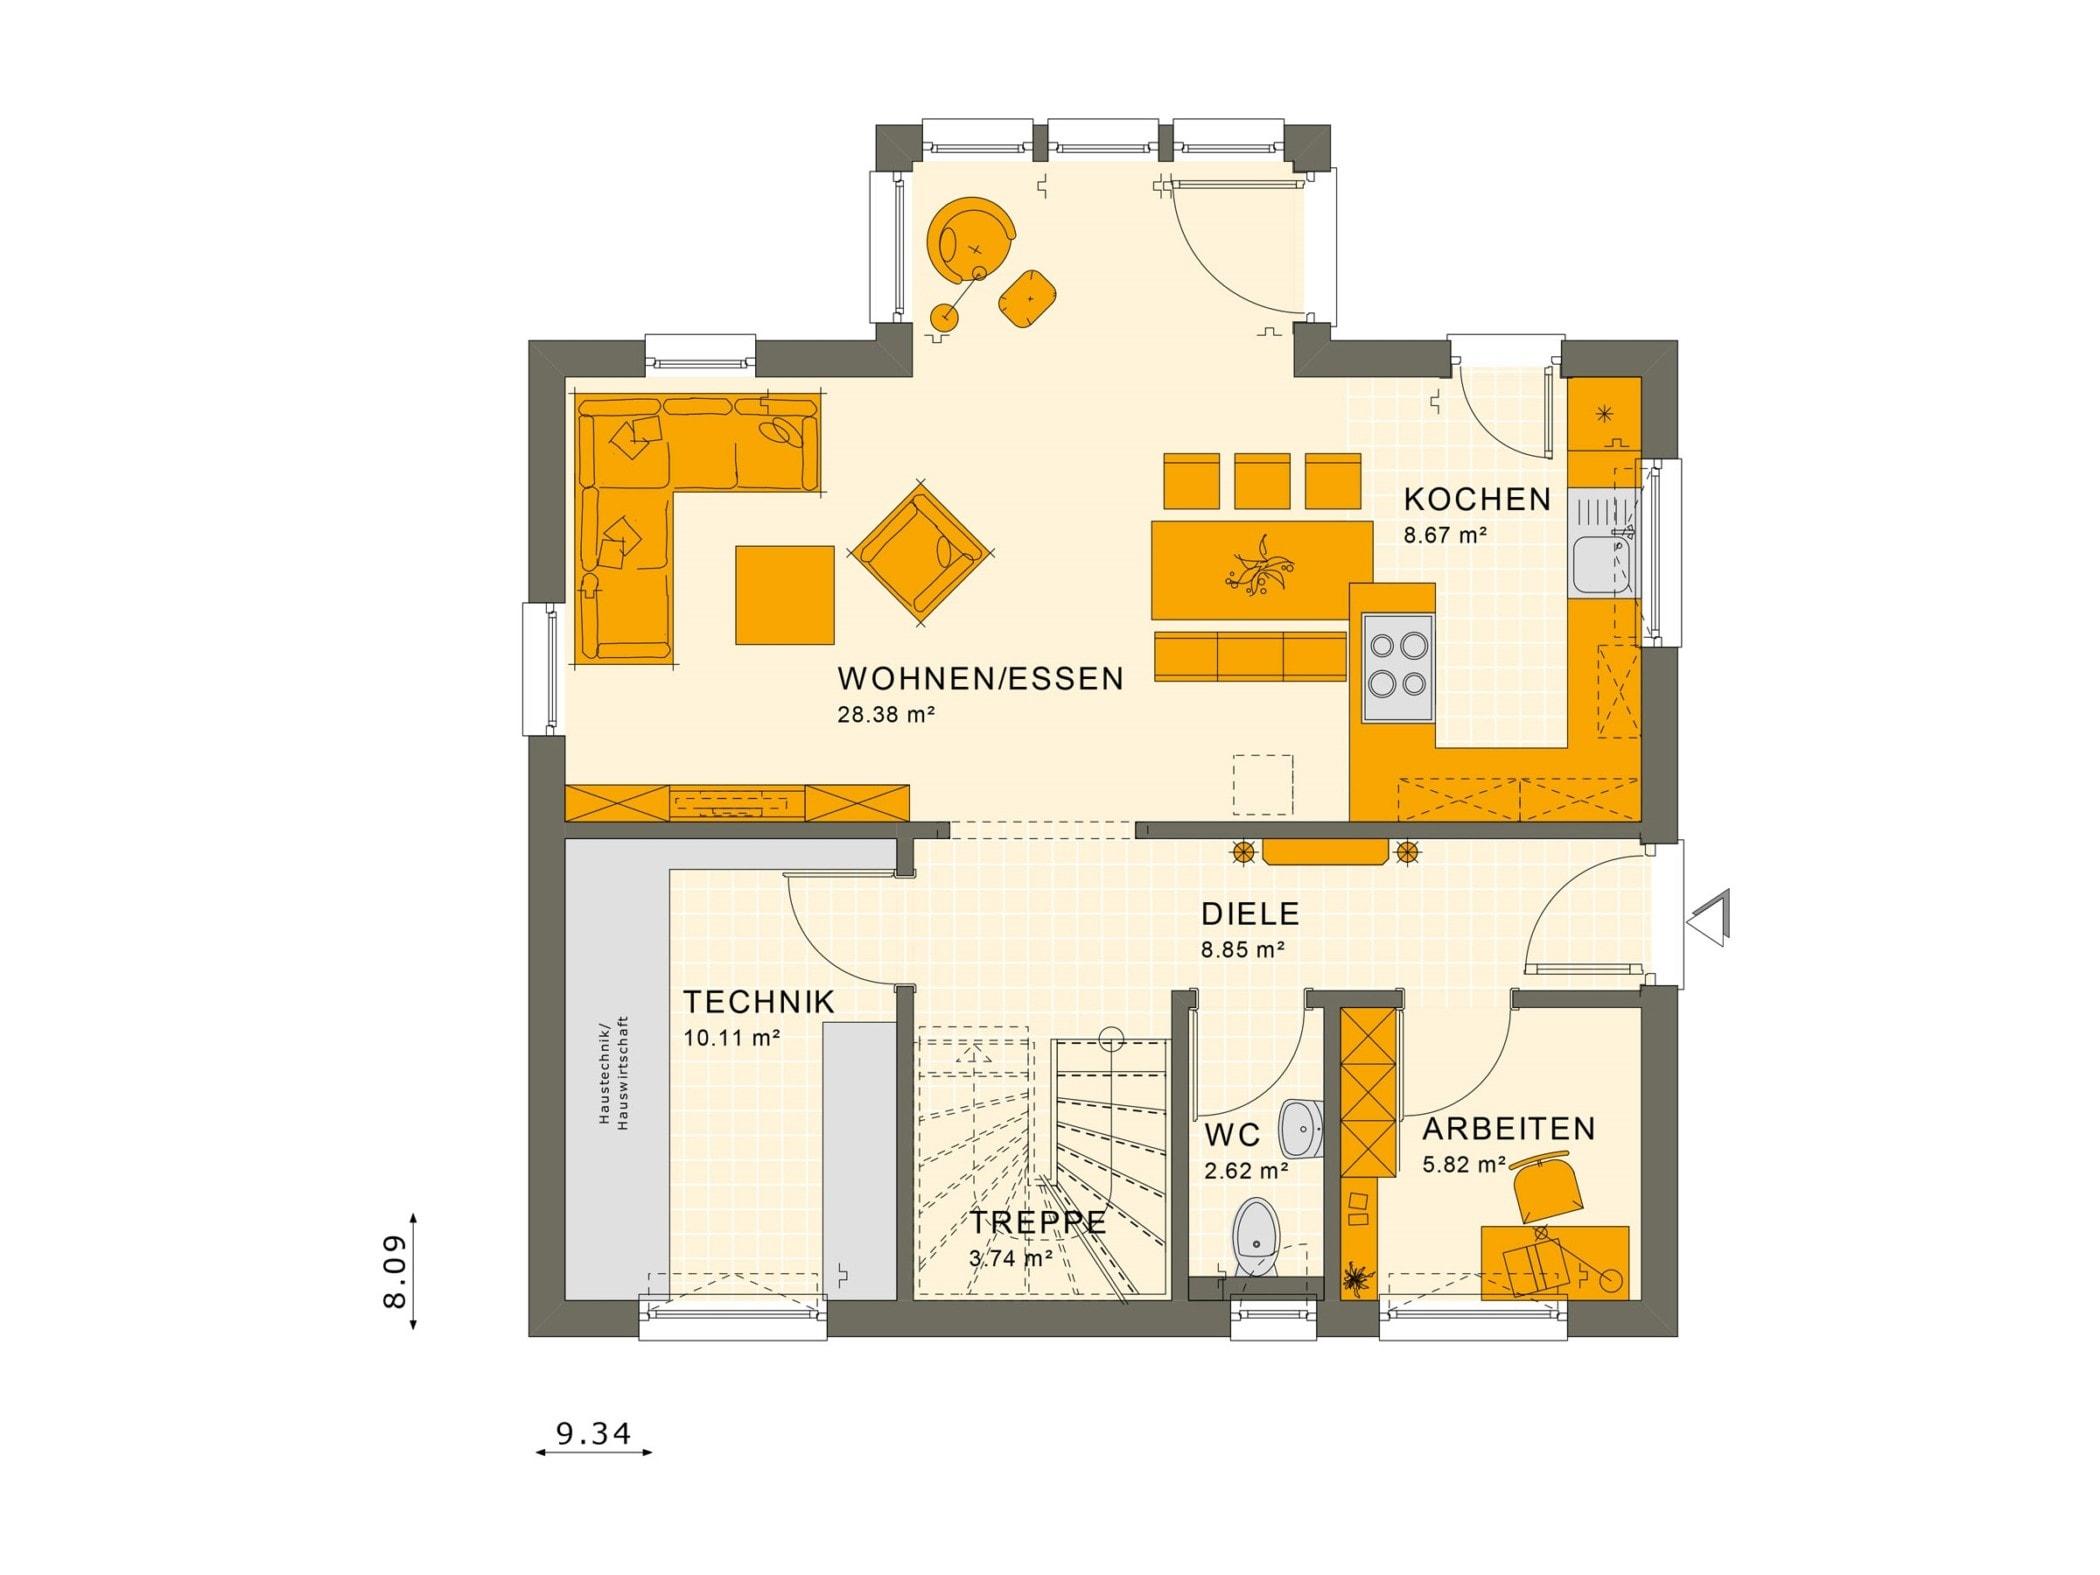 Fertighaus Grundriss Erdgeschoss offen mit Wintergarten Erker - Haus bauen Ideen Einfamilienhaus Living Haus SUNSHINE 125 V4 - HausbauDirekt.de